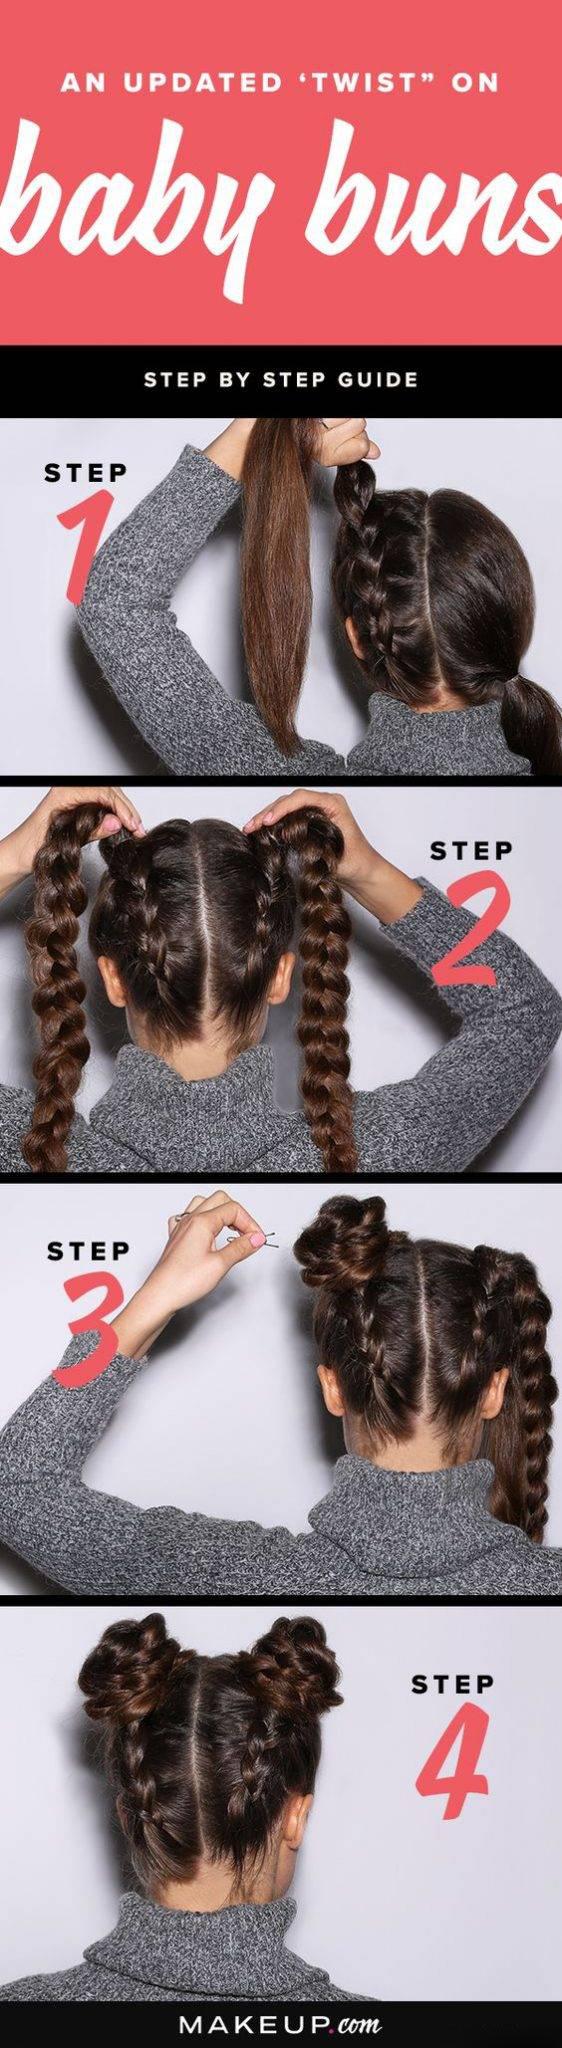 مدل موی گوجه ای خرگوشی + آموزش بافت مو مدل گوجه ای